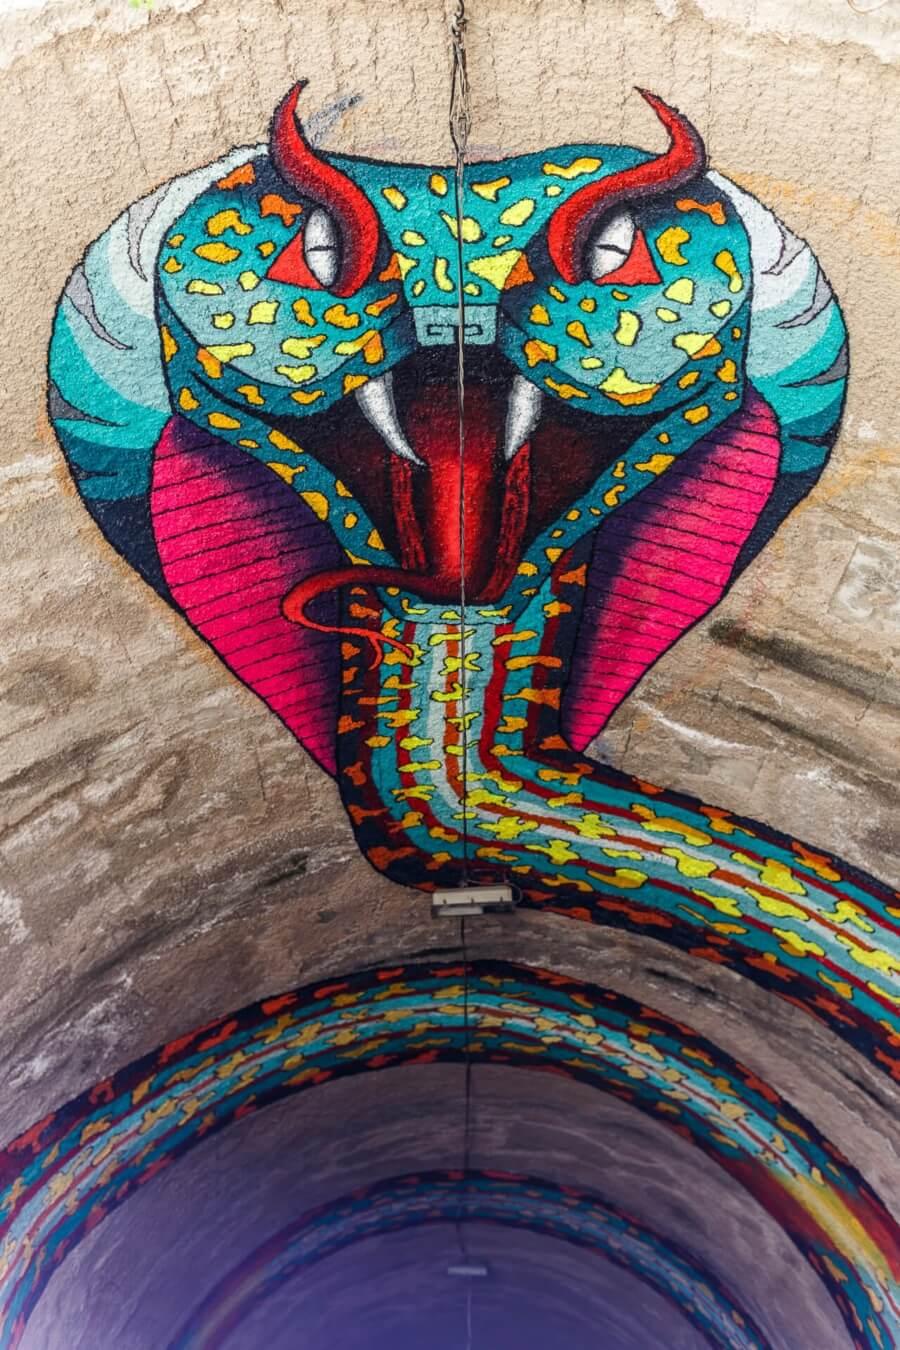 Serpiente en Tunel por Spaik 2